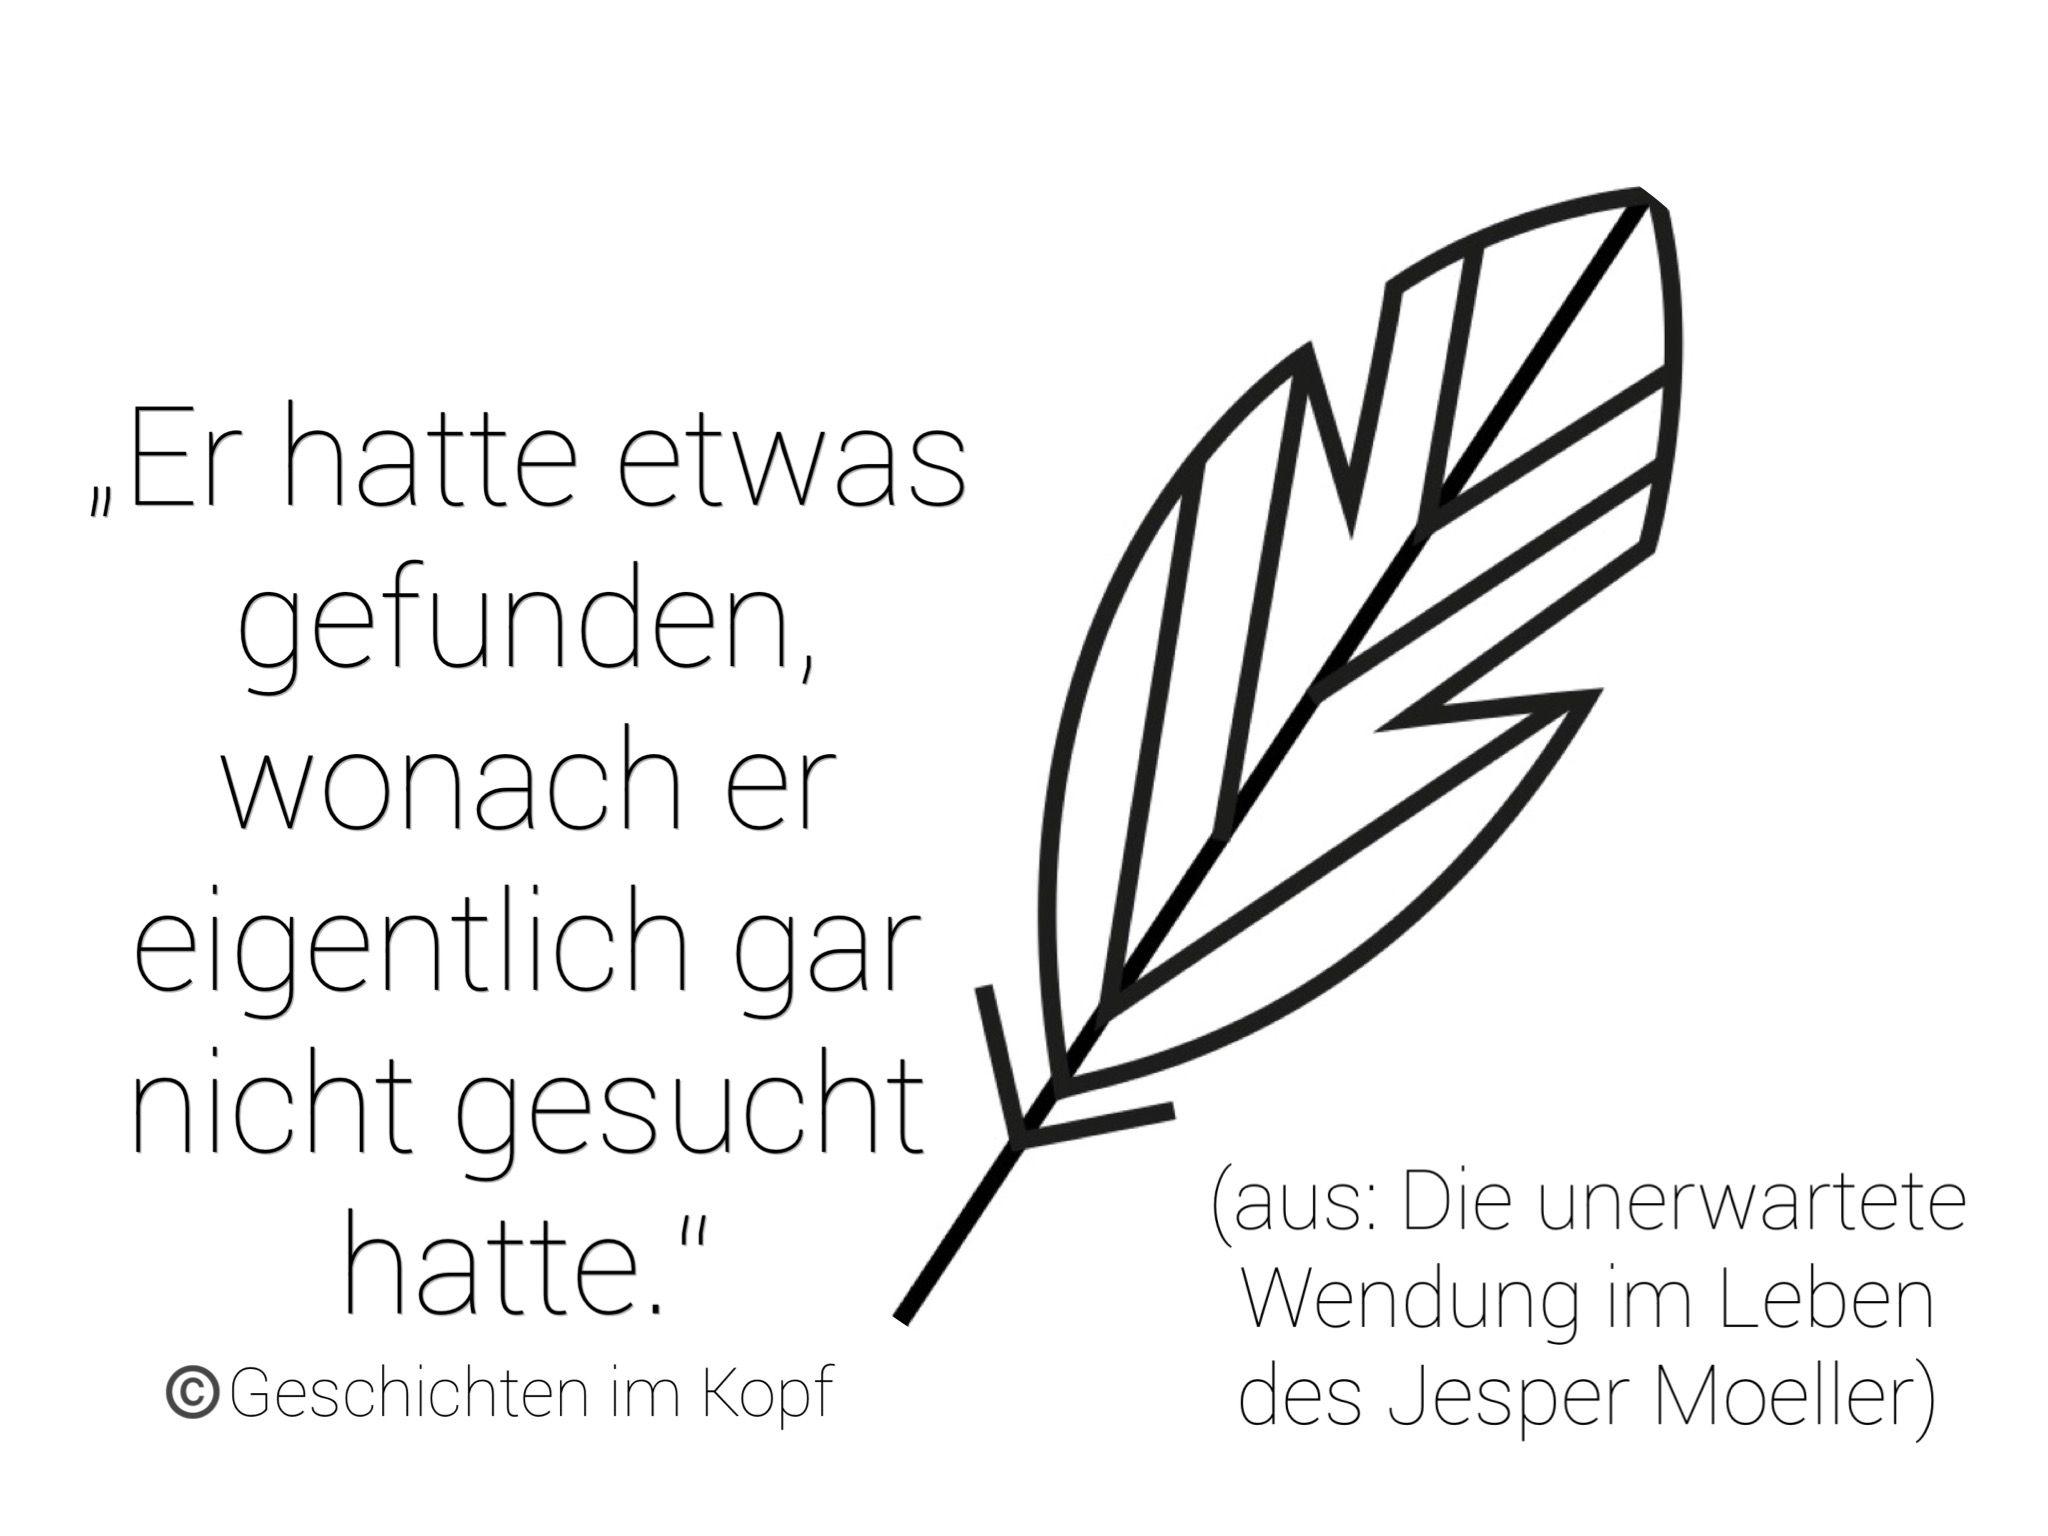 Verschiedene Zitaten Leben Dekoration Von Www.geschichtenimkopfreview #zitate #leben #veränderung